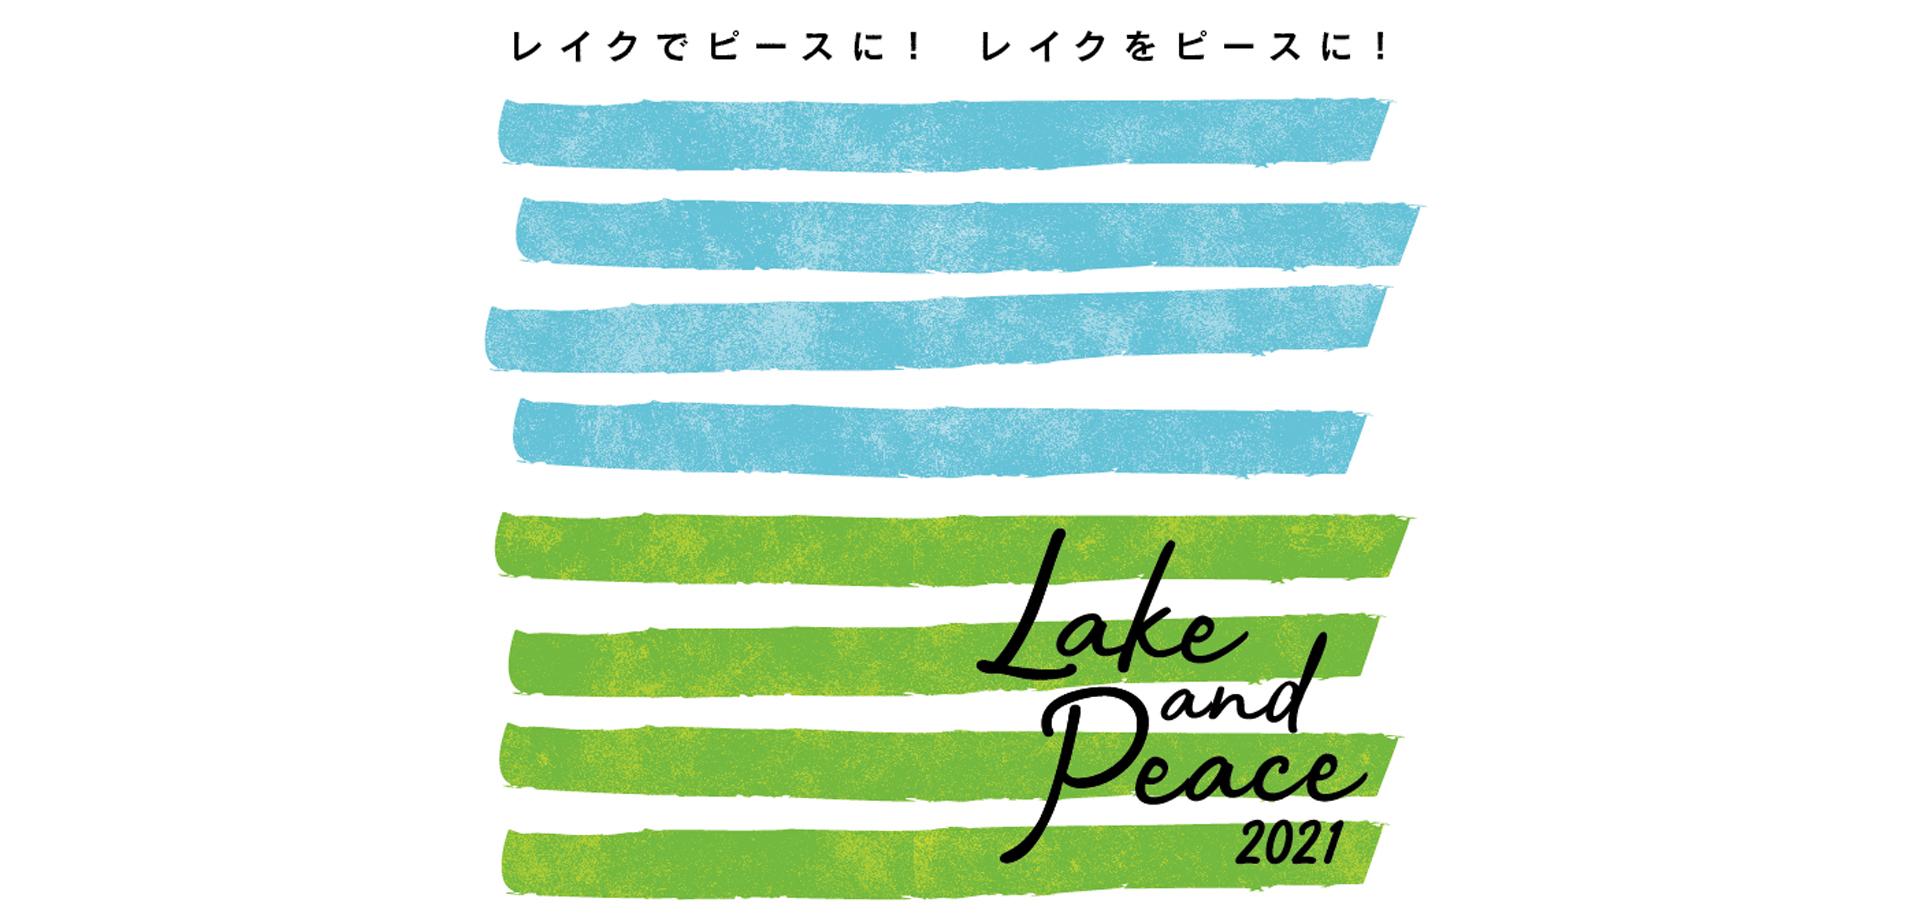 越谷レイクタウン 地域密着型ガーデンフェス「Lake & Peace 2021」